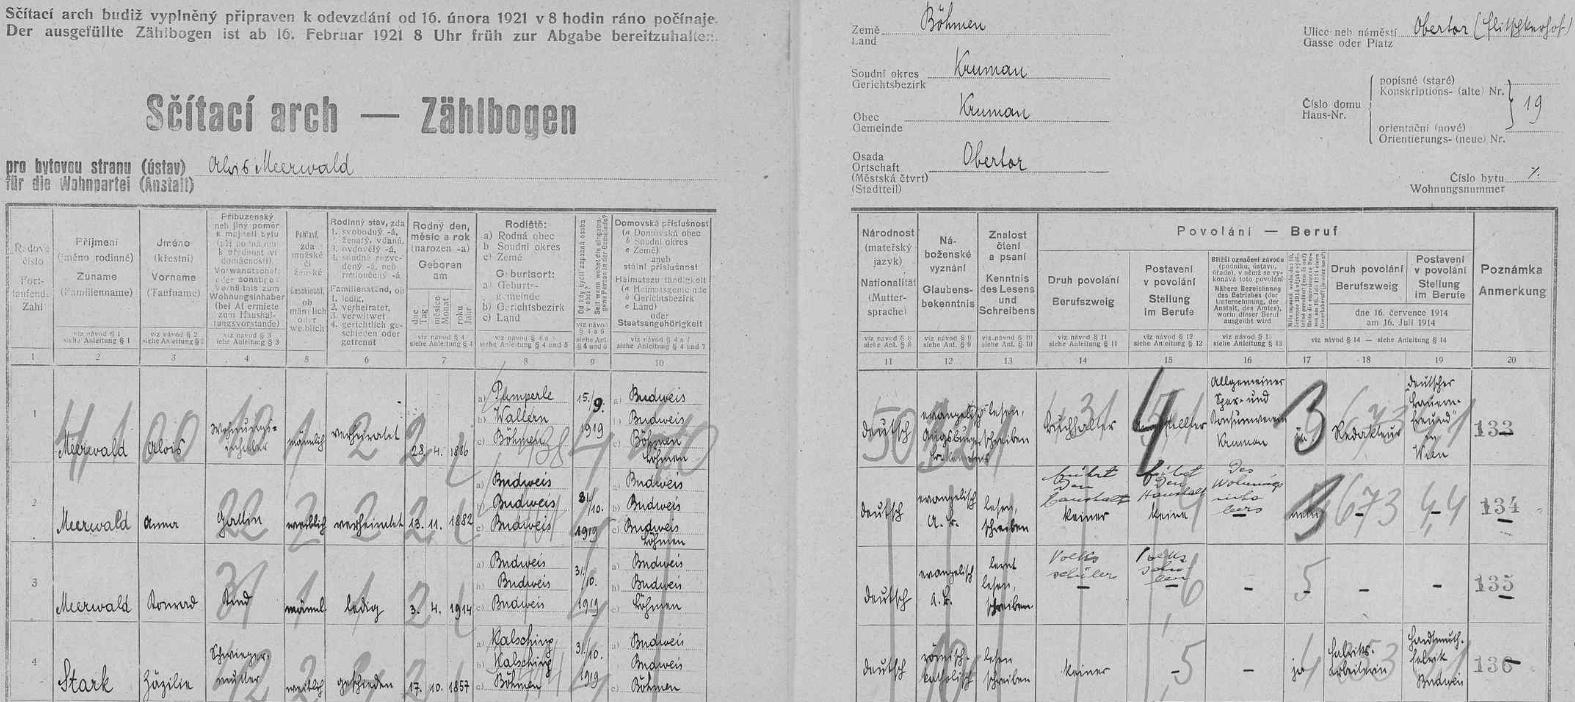 """Arch sčítání lidu z roku 1921 pro dům na Horní bráně čp. 19 (v závorce je Fričkův dvůr psán mylně Flitschkerhof), kde bydlil Alois Meerwald se svou manželkou Annou (*18. listopadu 1882 v Českých Budějovicích /Budweis/), synem Konradem a tchyní Zäzilií Starkovou (*17. října 1857 ve Chvalšinách /Kalsching/) - v rubrice povolání má uvedeno, že je účetním u Všeobecného spořitelního a konzumního spolku pro politický okres Český Krumlov a také redaktorem vídeňského listu """"Deutscher Bauernfreund"""""""